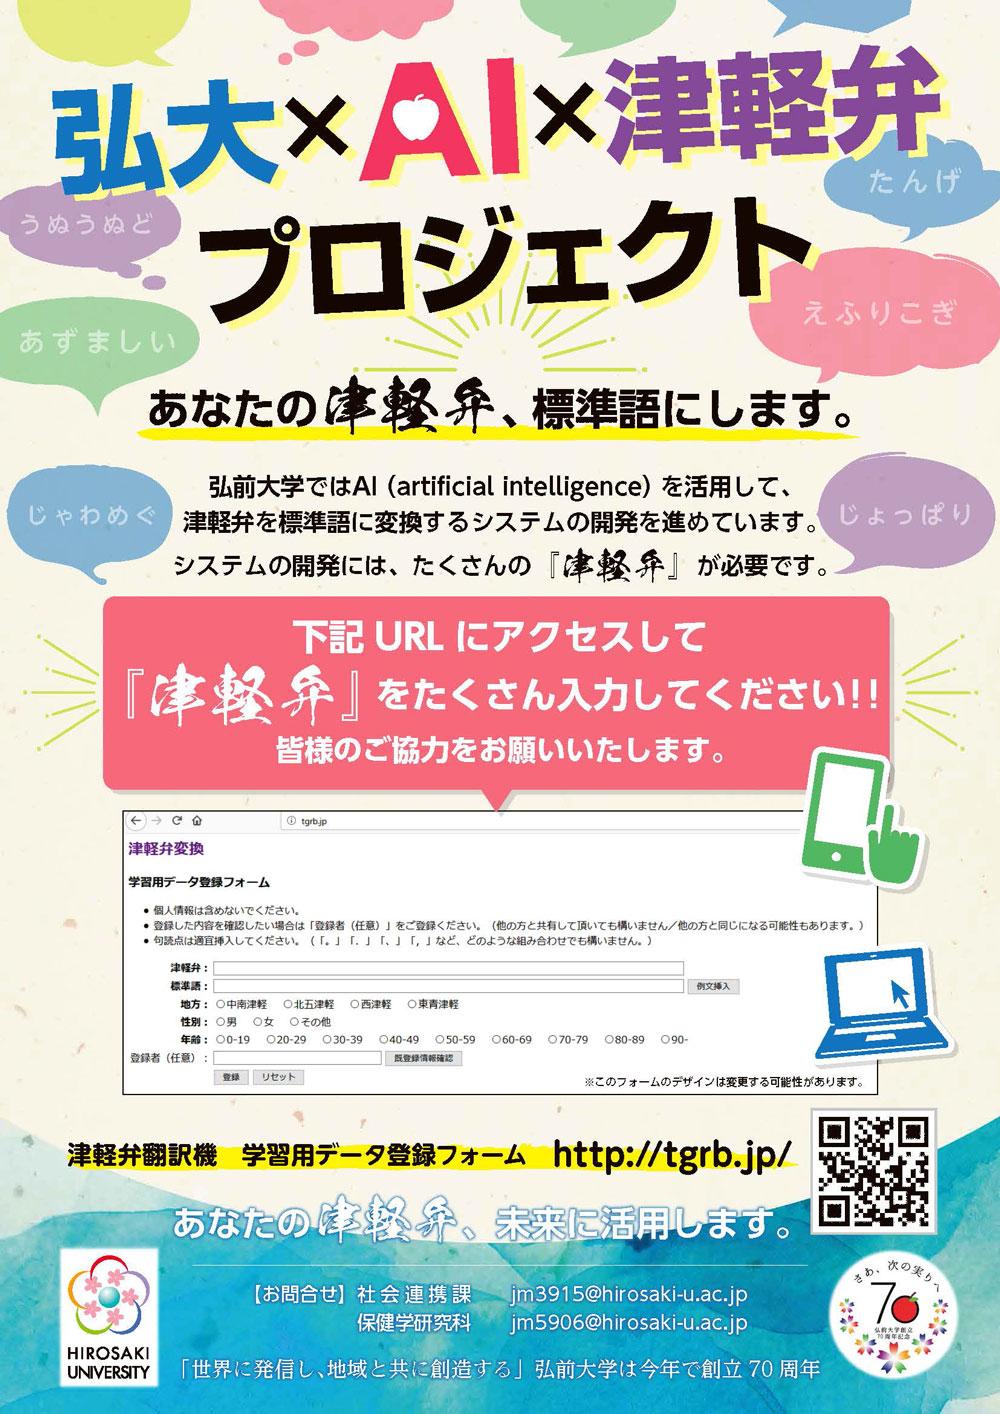 弘大×AI×津軽弁プロジェクト